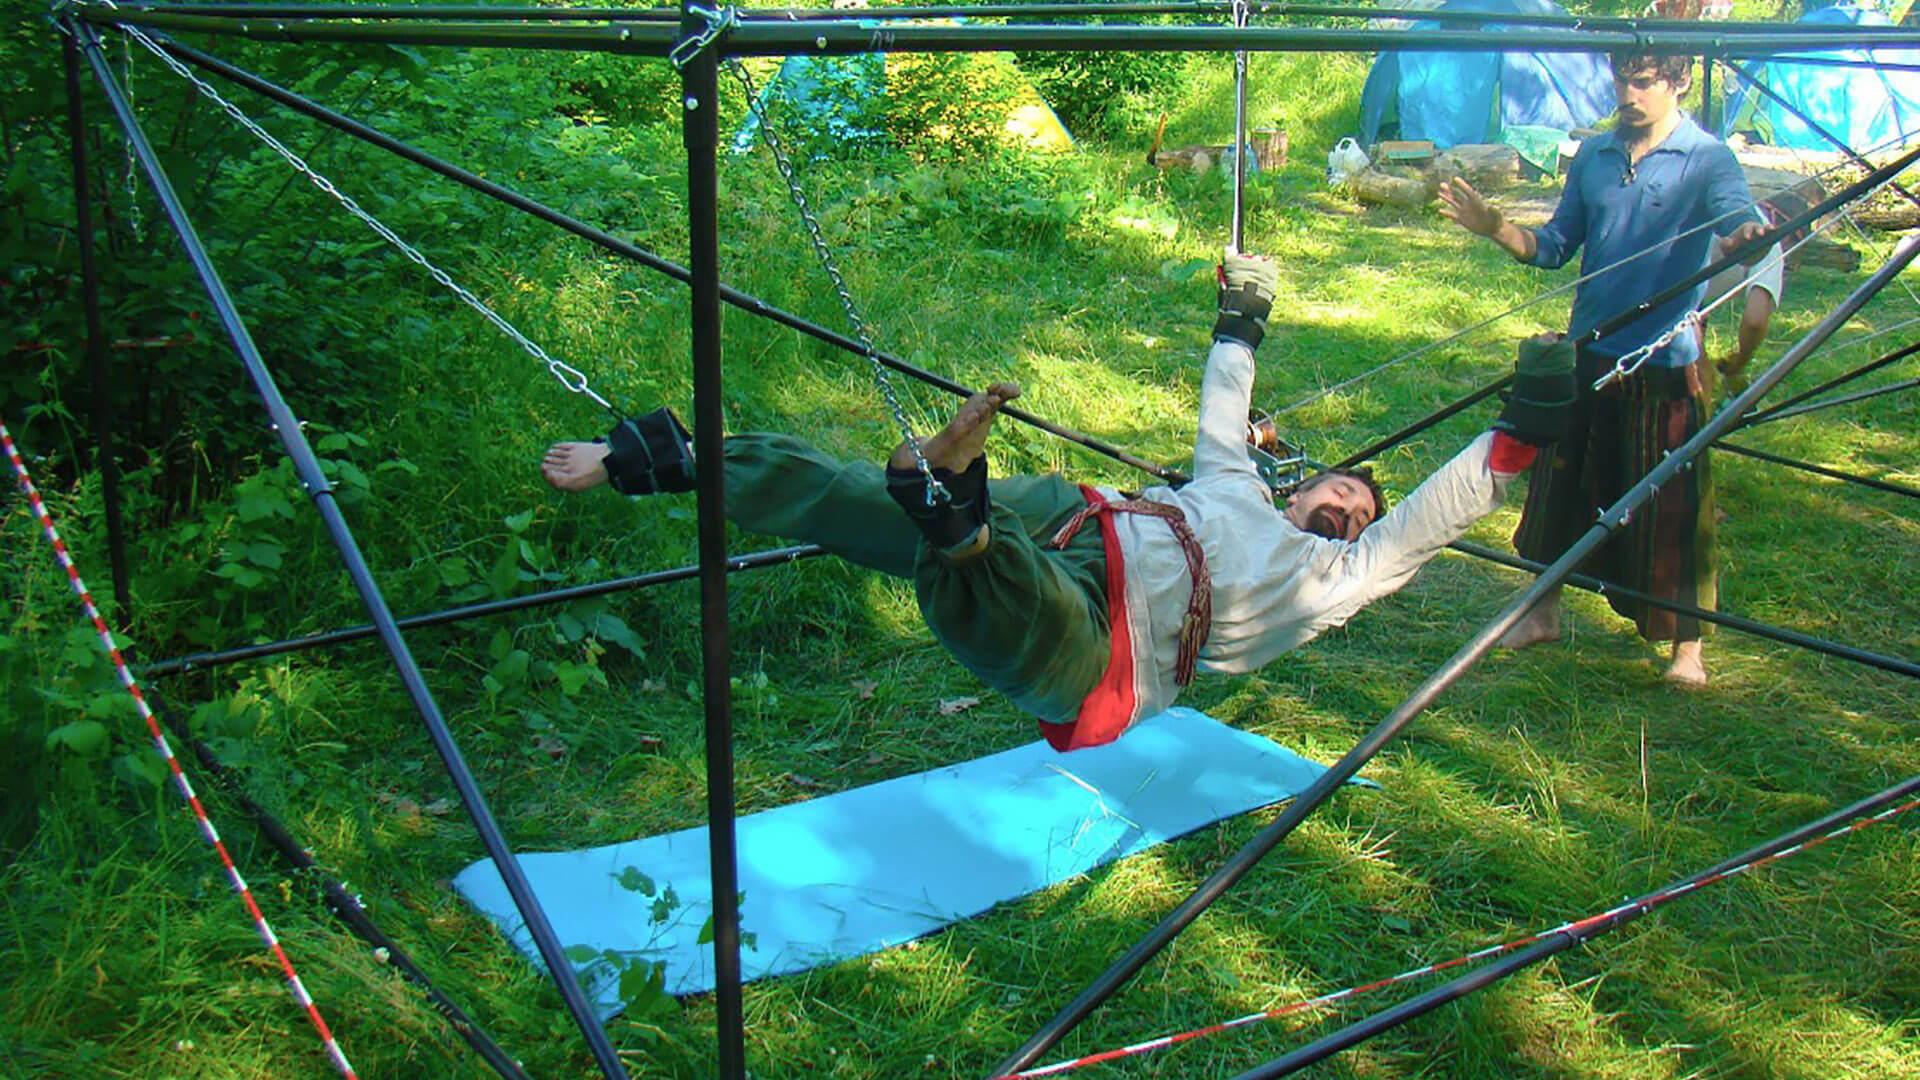 Славянский тренажер Правило: фото с занятием.